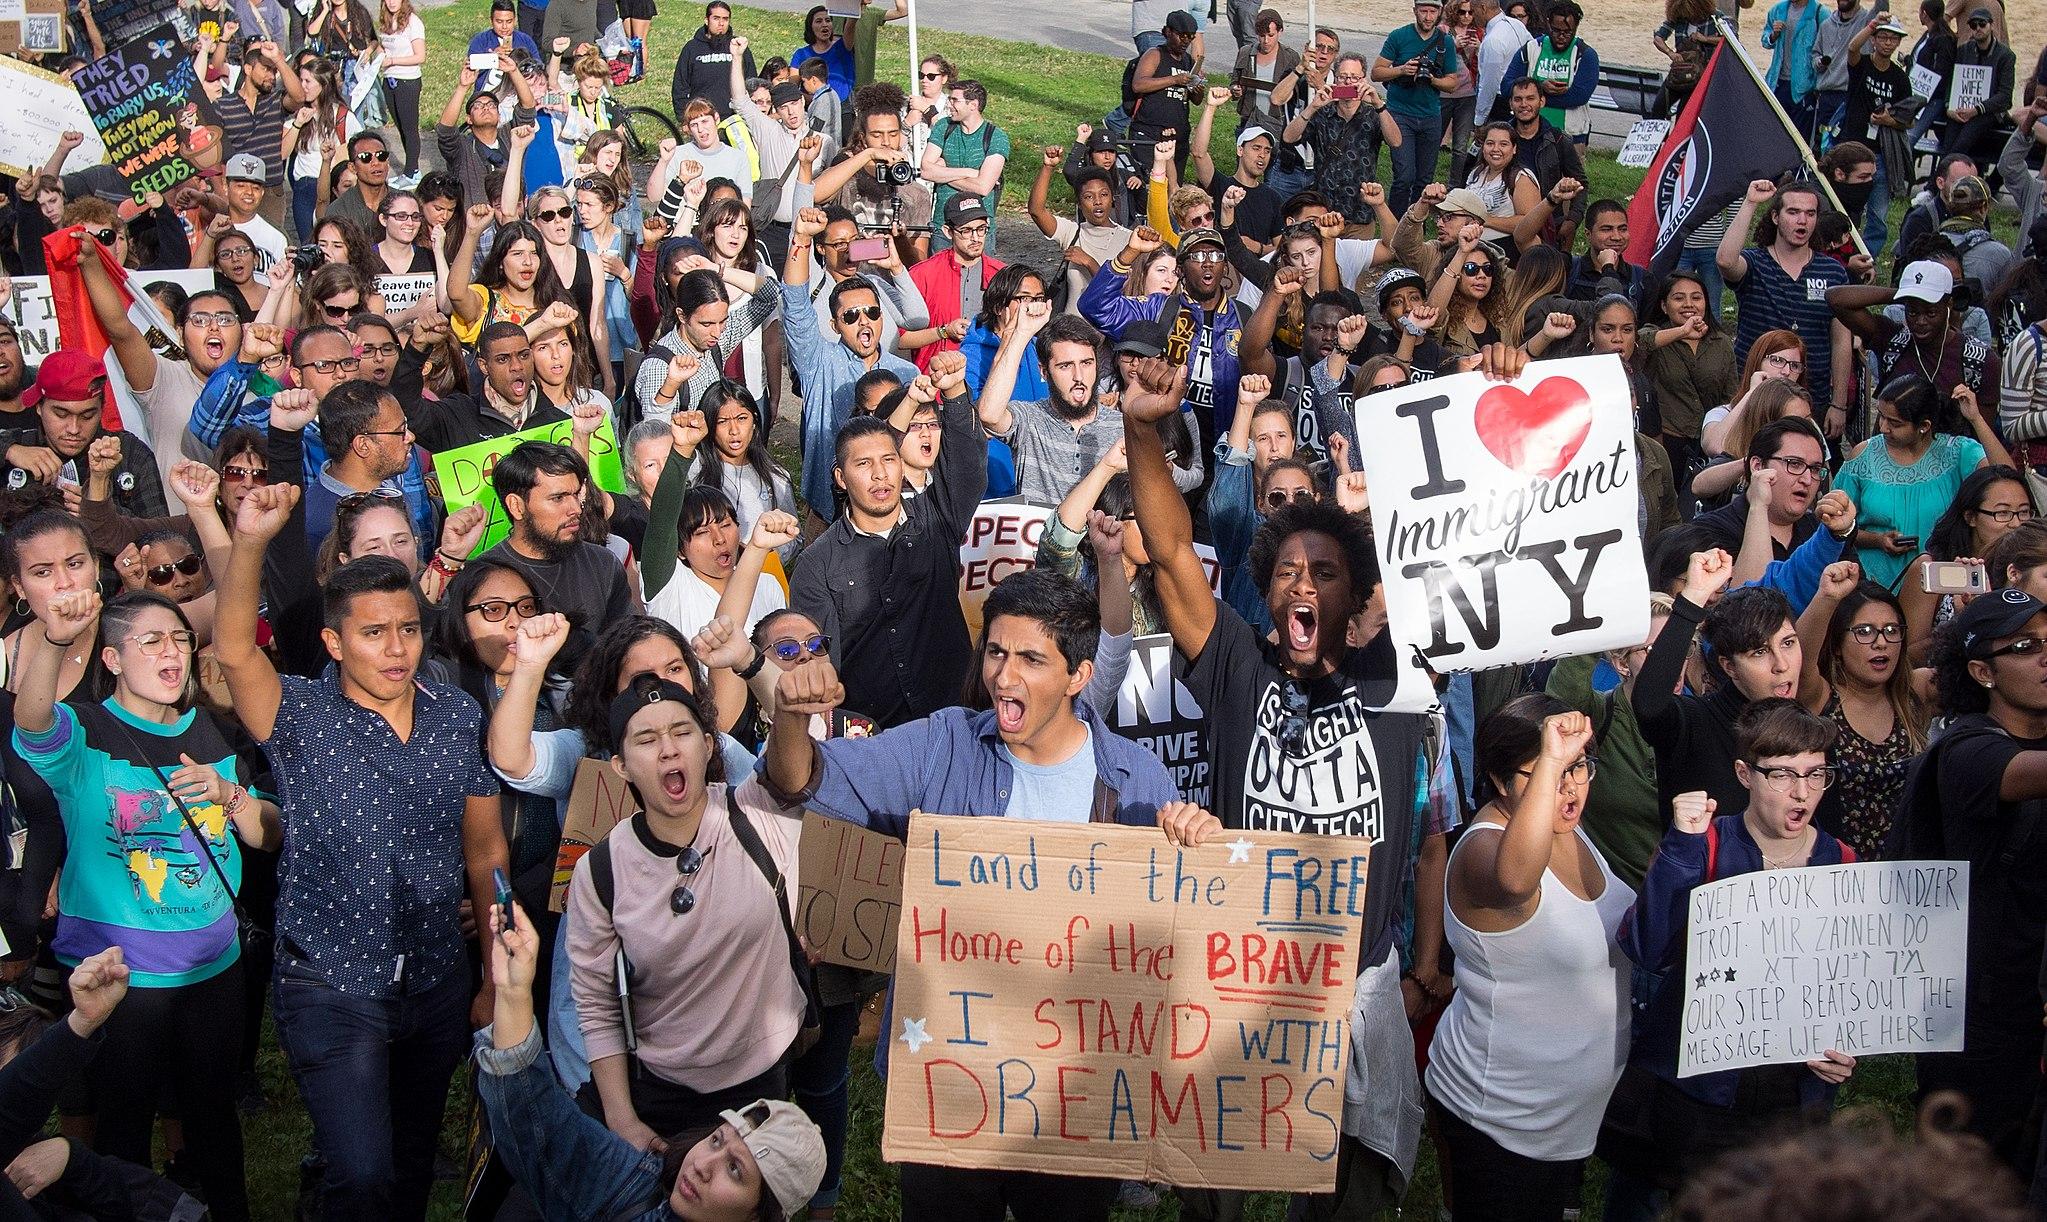 Сторонники DACA в Нью-Йорке. Photo: Rhododendrites